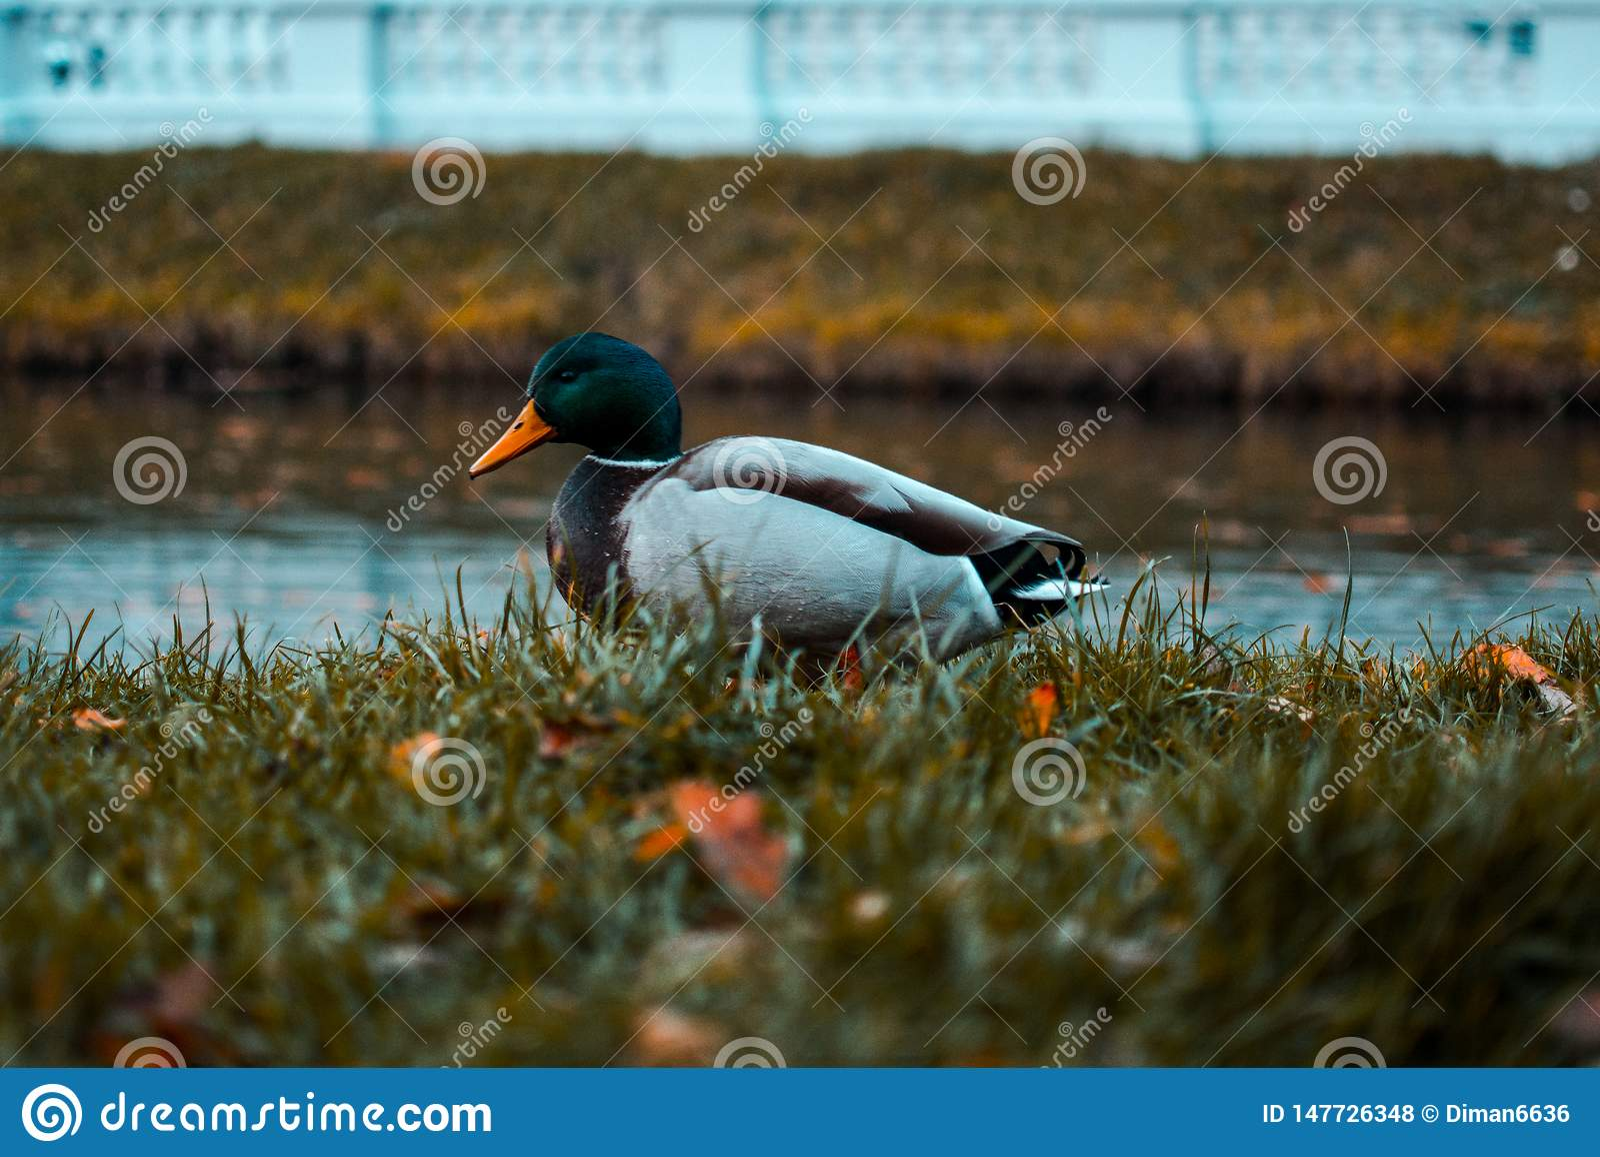 Drake in the Grass. Wild duck. Pond